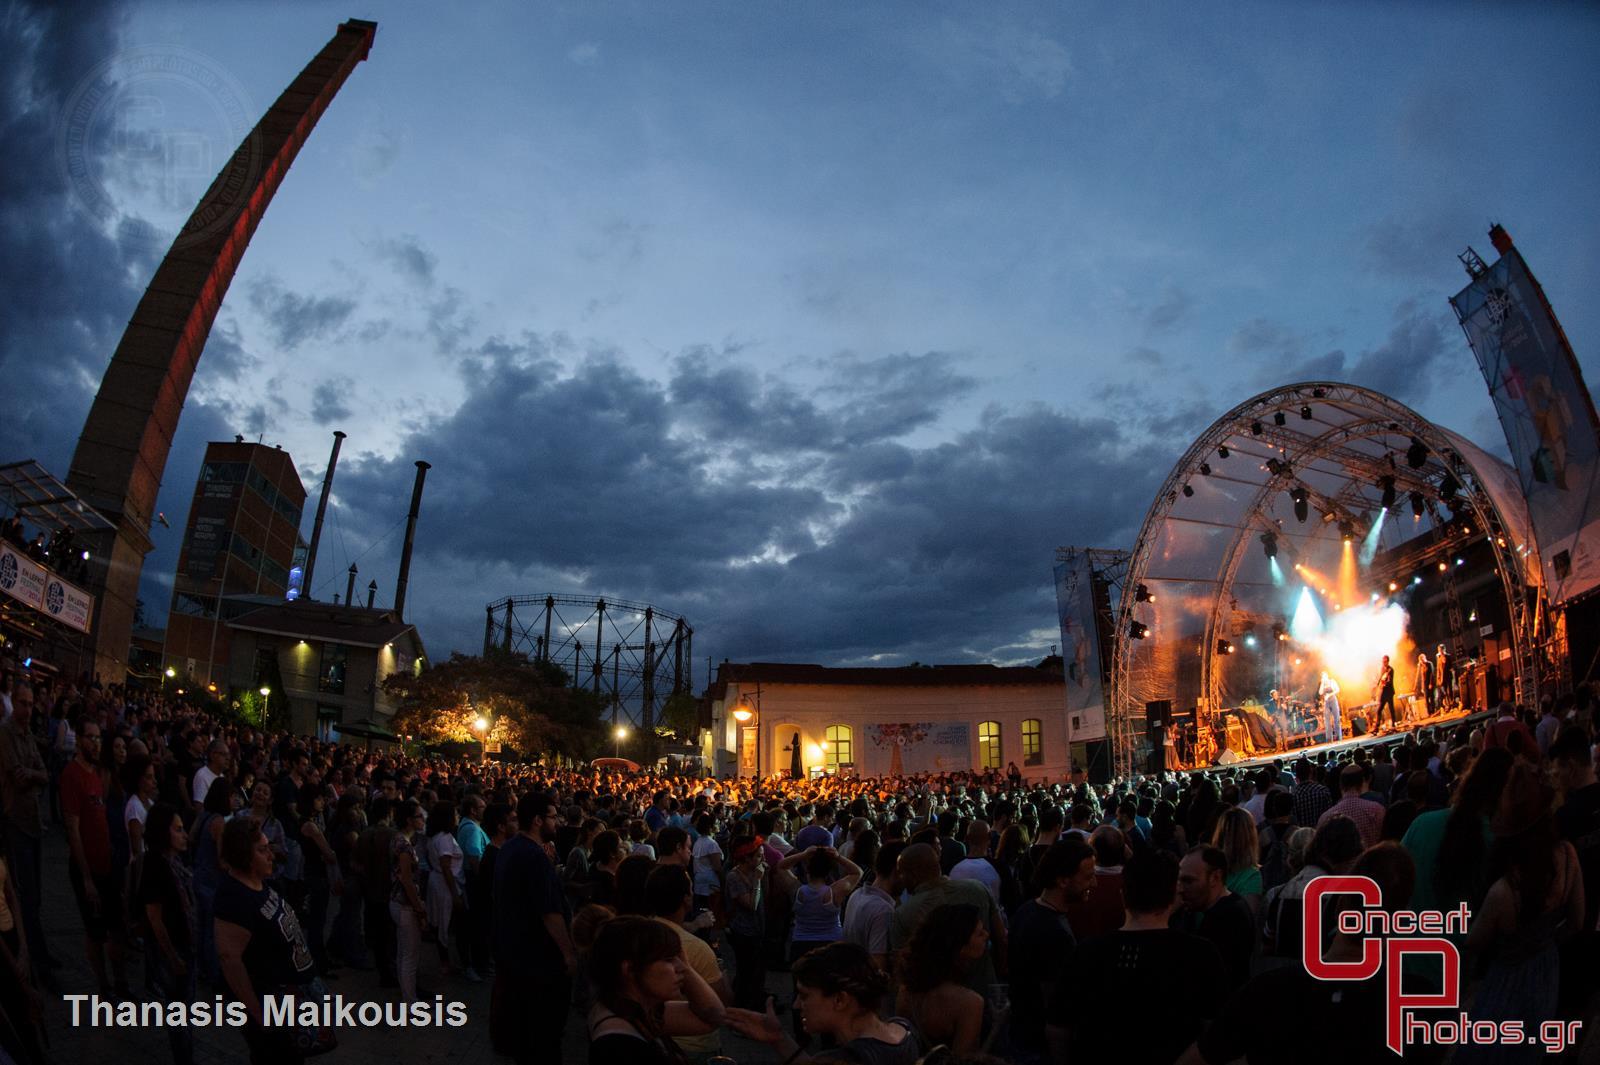 En Lefko 2014-En Lefko 2014 photographer: Thanasis Maikousis - concertphotos_20140620_21_13_43